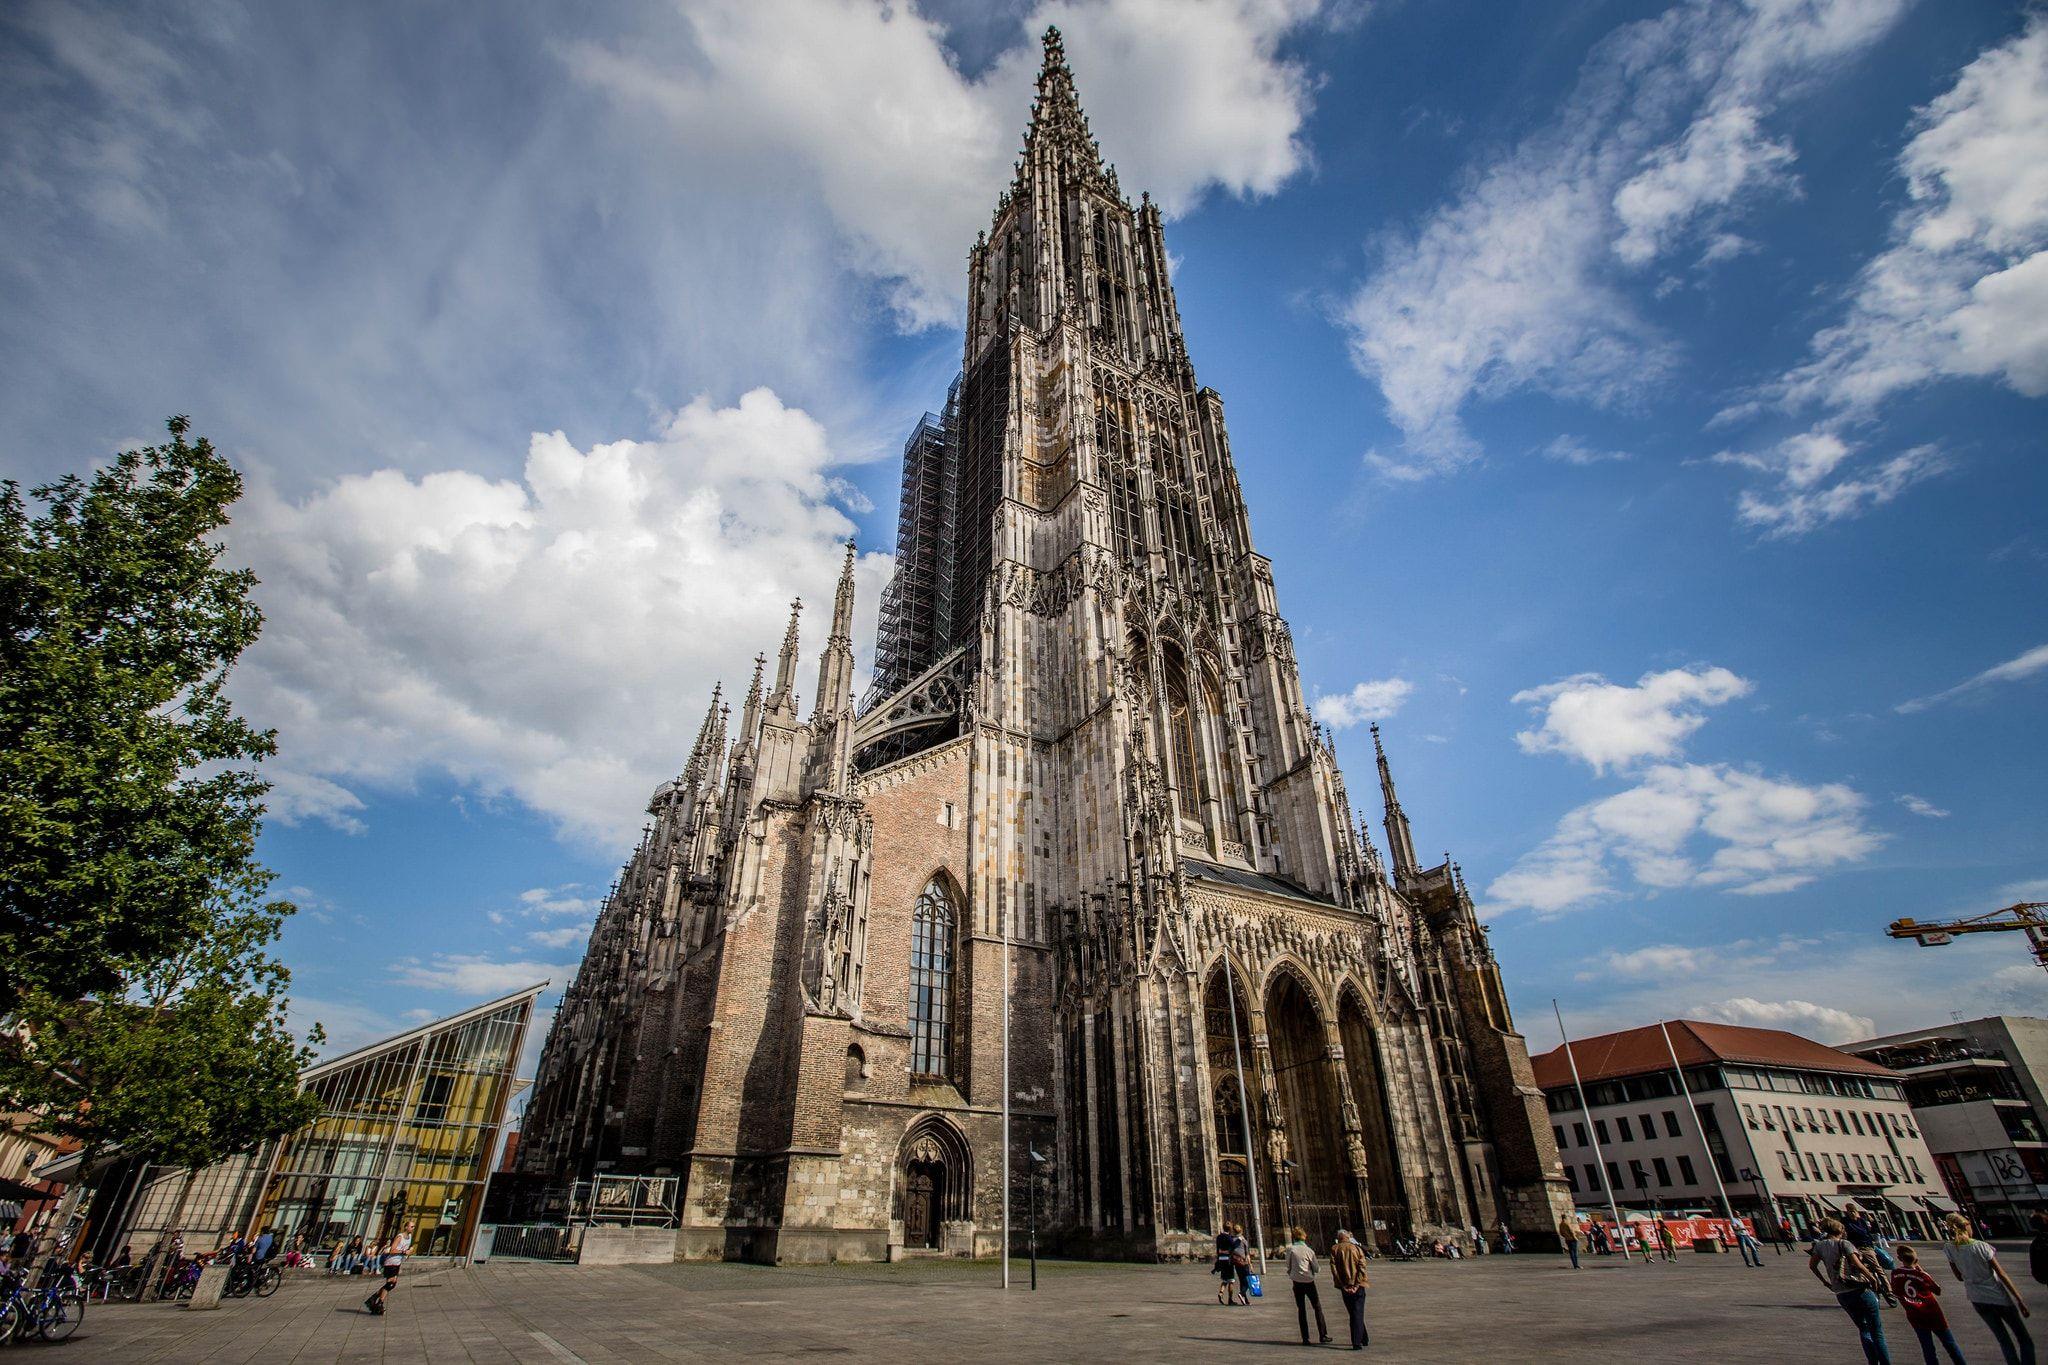 Ulm Minster | © N i c o l a / Flickr